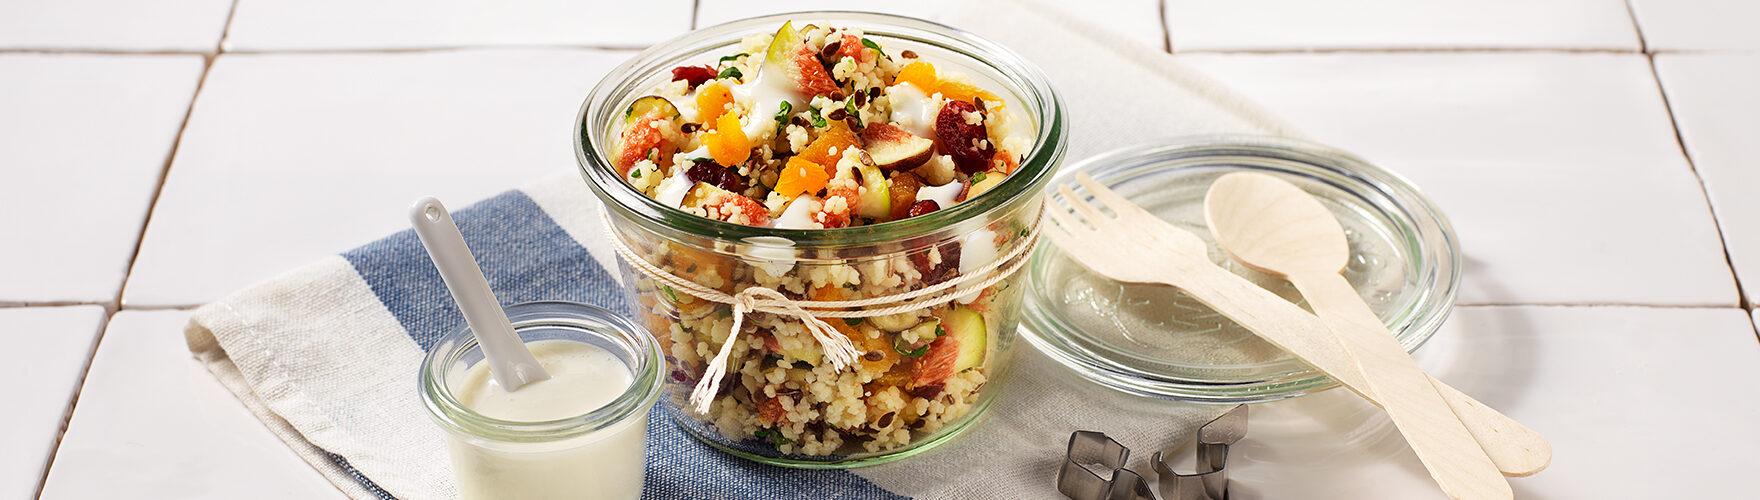 Frischer Couscous-Salat mit Aprikosen, Feigen und Minze